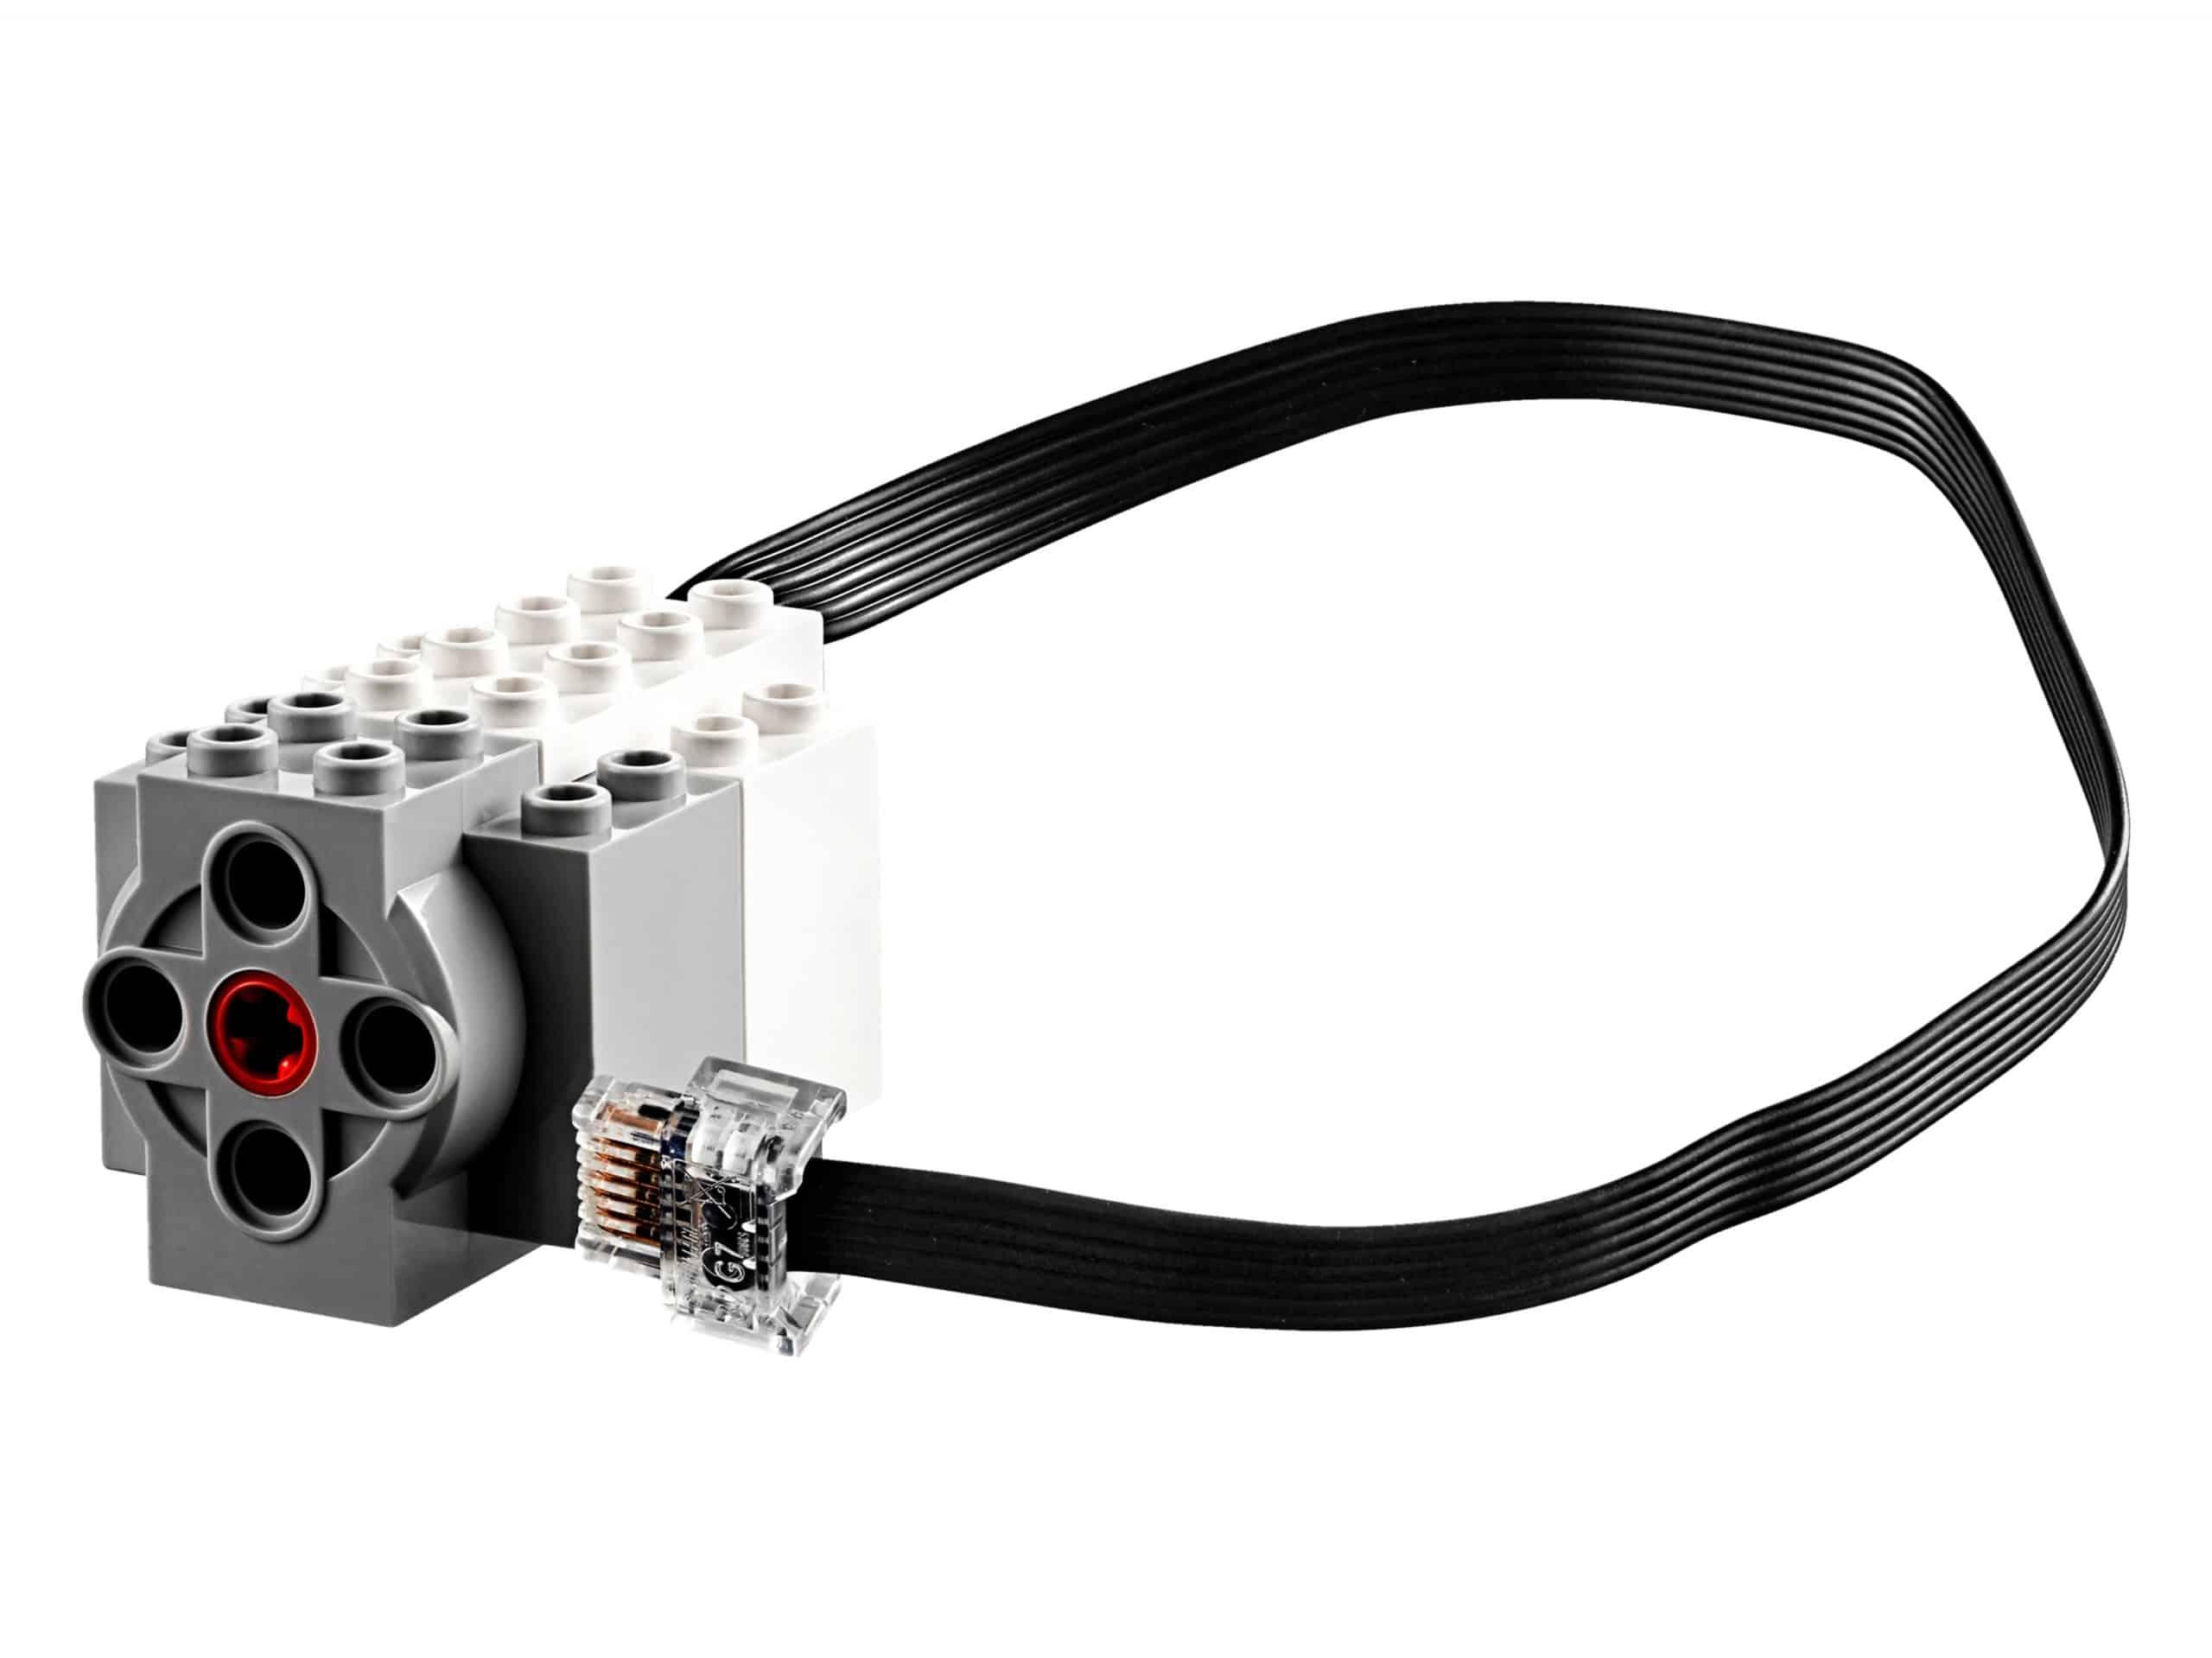 lego 88008 medelstor linjarmotor scaled